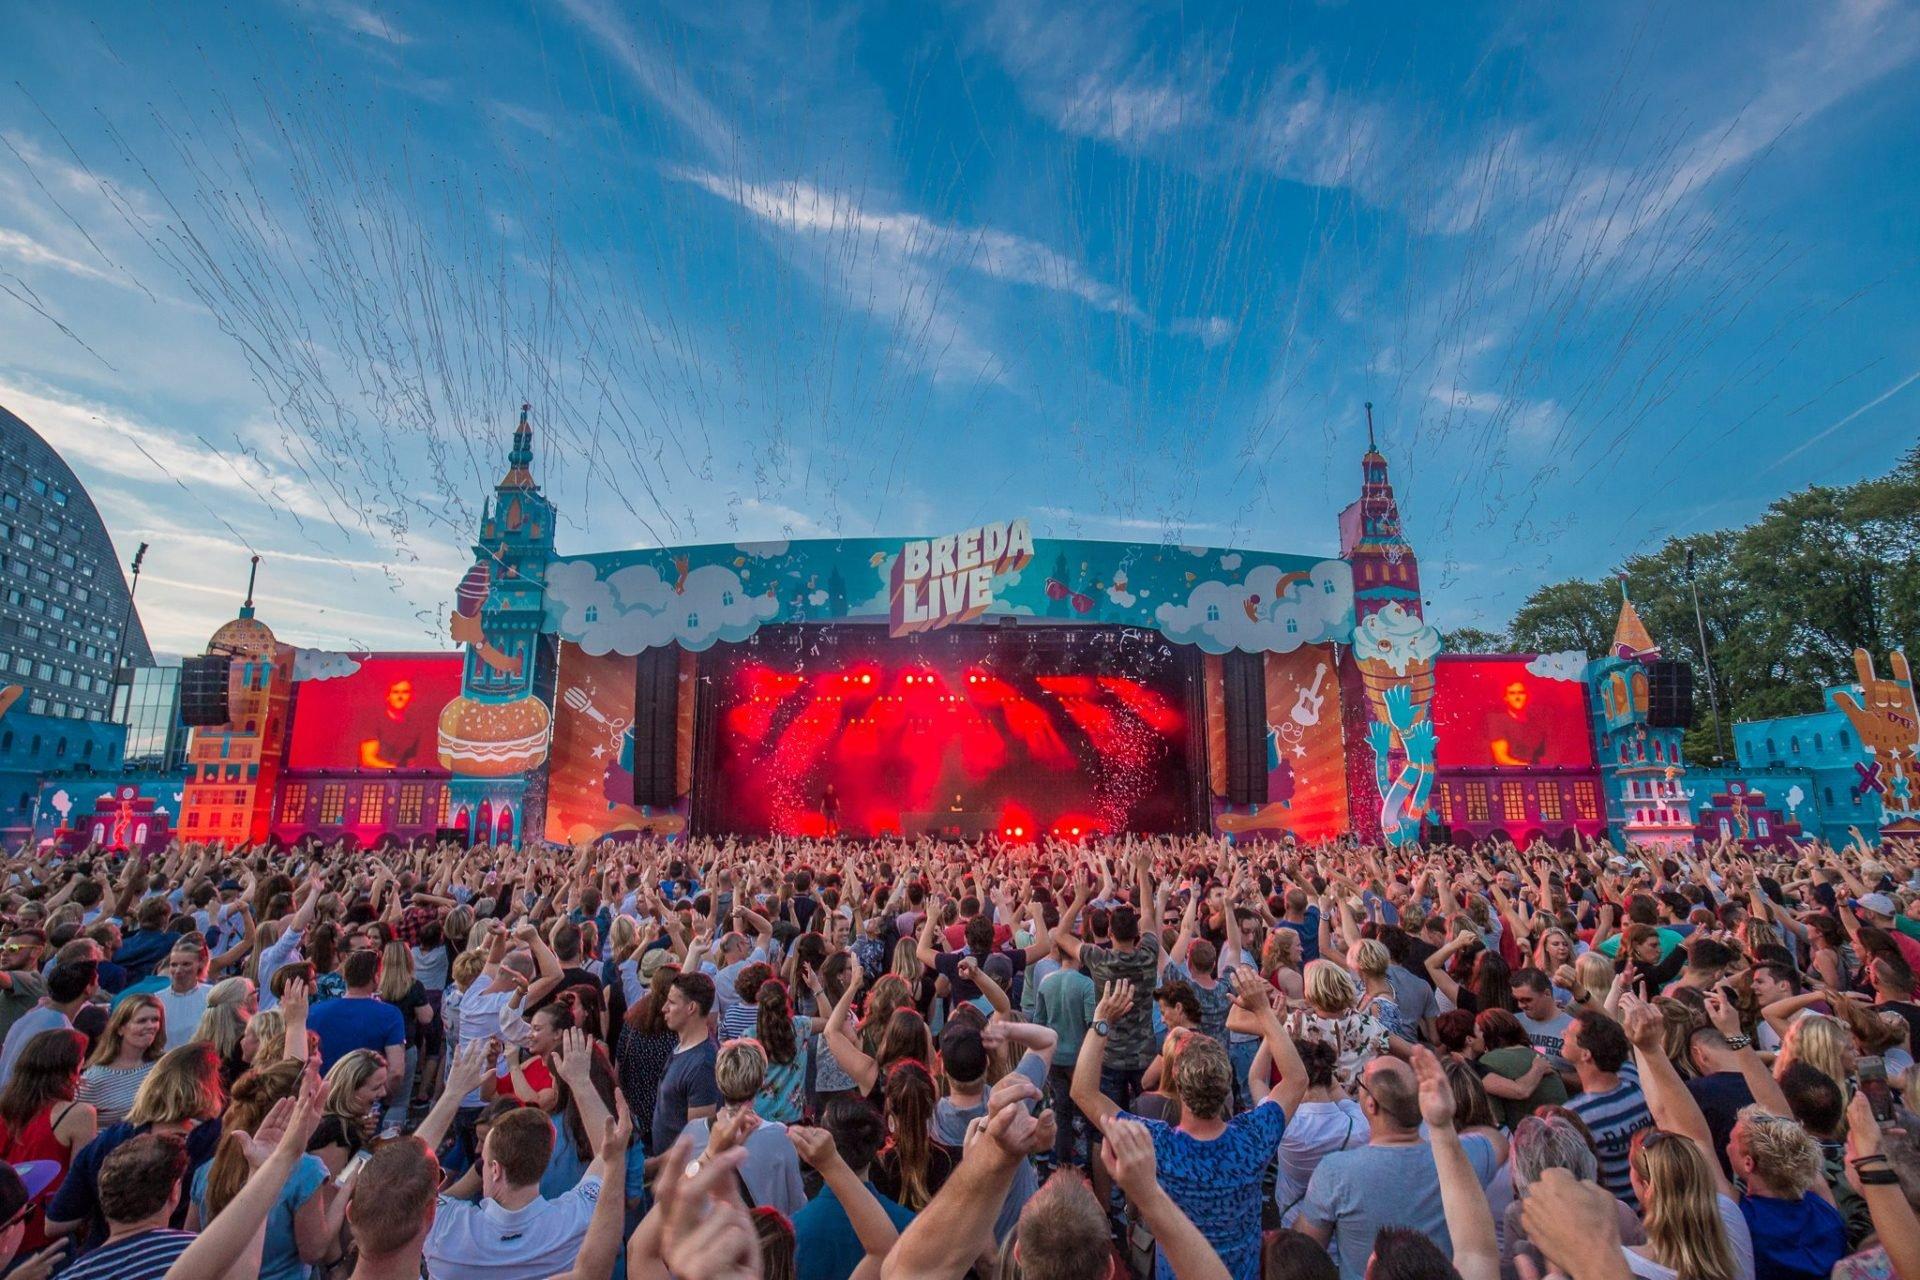 Breda Live 2017